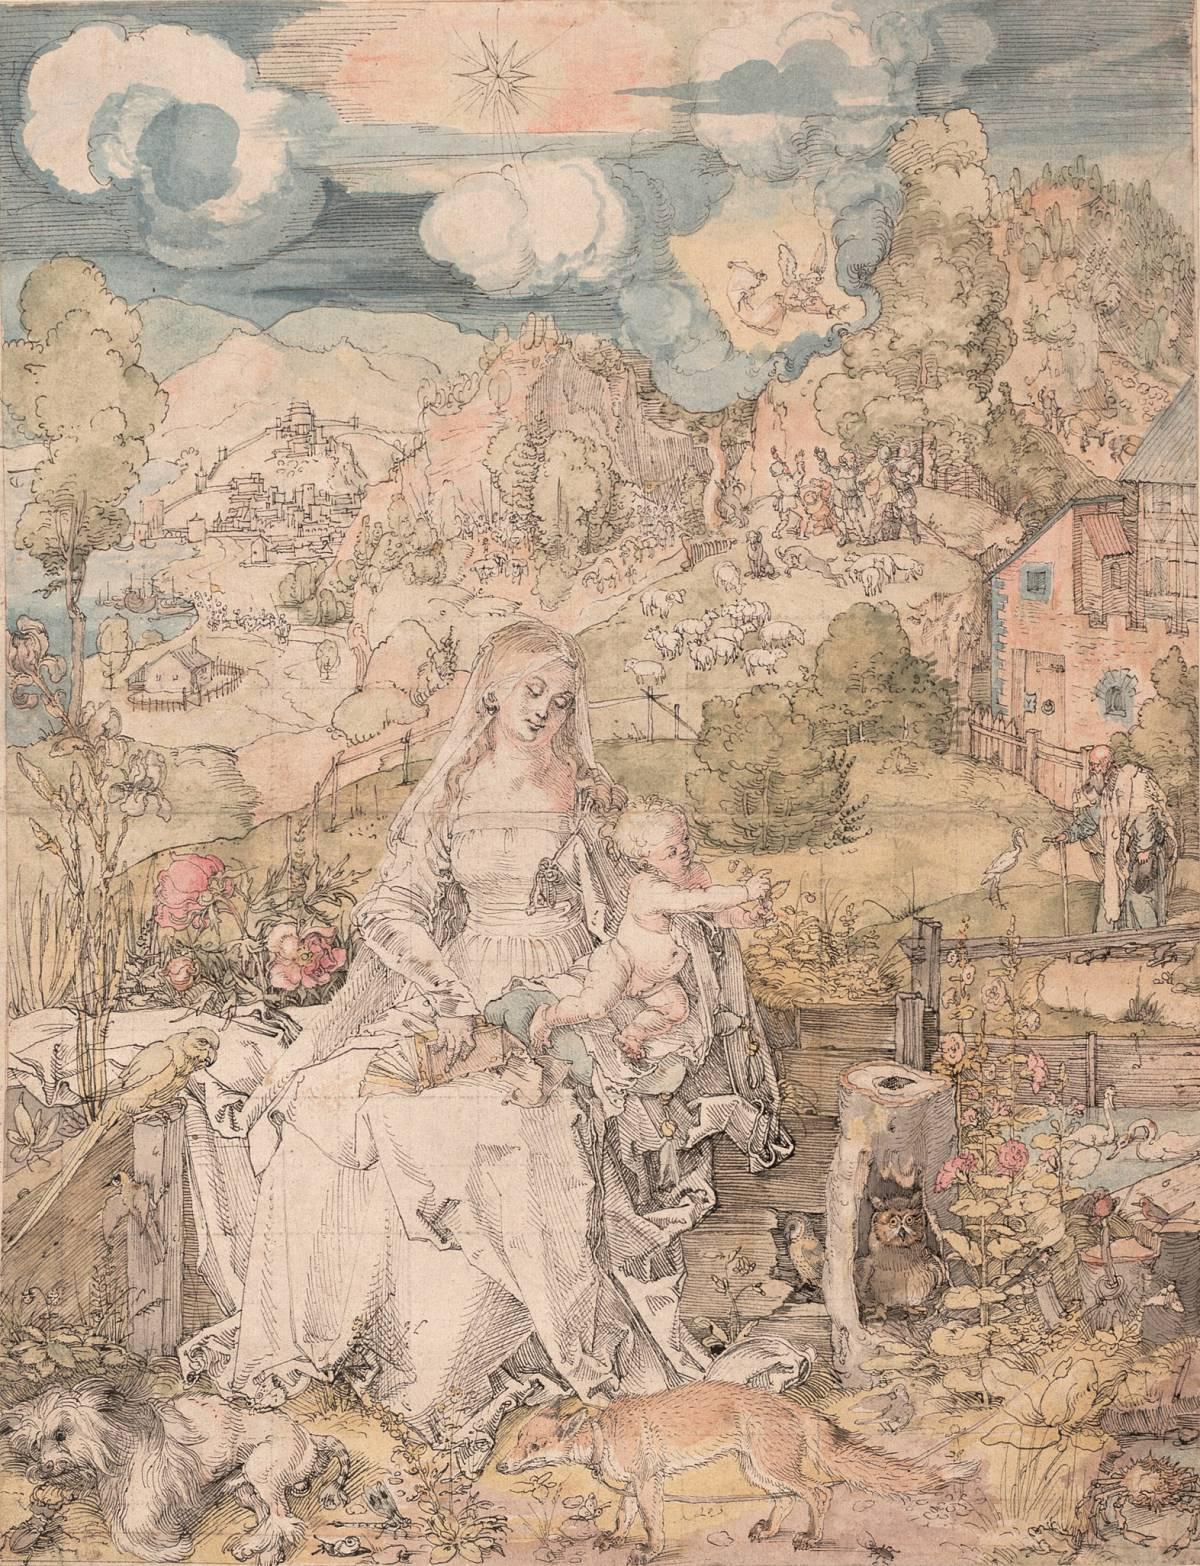 Albrecht Dürer: La Vergine con una moltitudine di animali, c. 1506